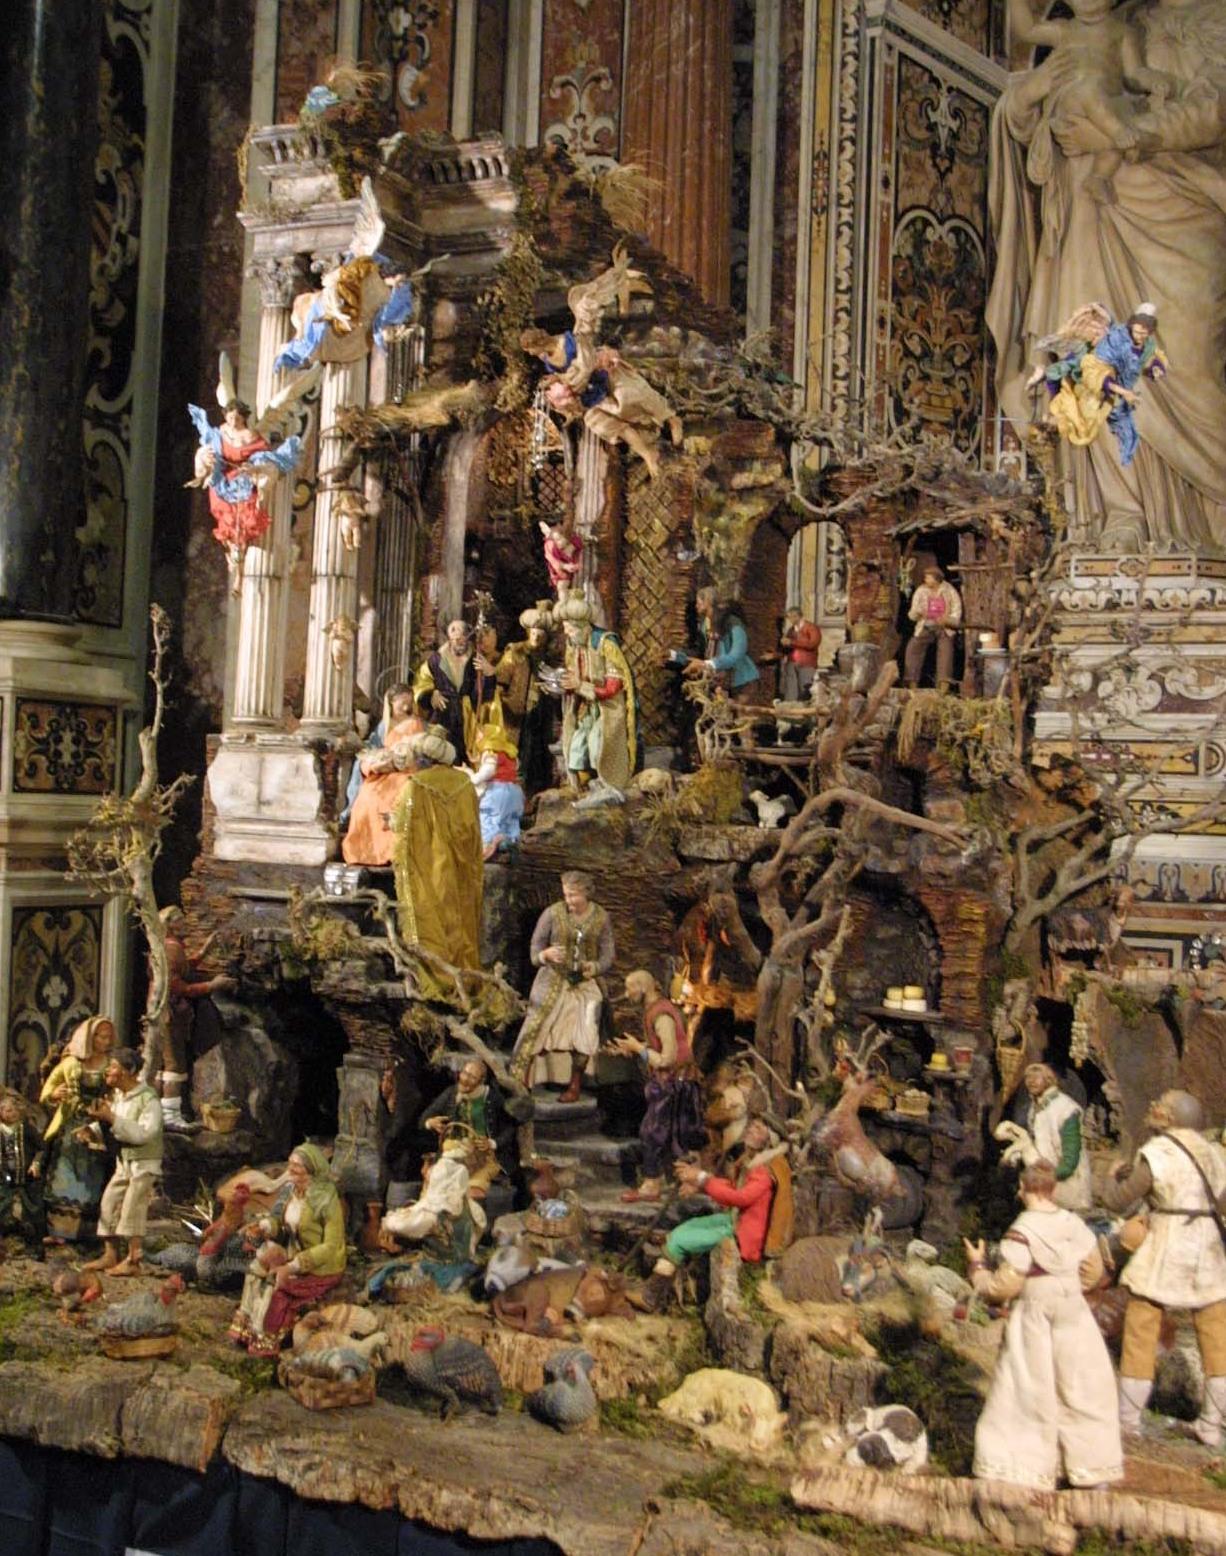 Scenografia presepiale napoletana di tipo '700 realizzata dal Maestro S. Costanzo. Pastori di autori vari, animali di Franco Centomani